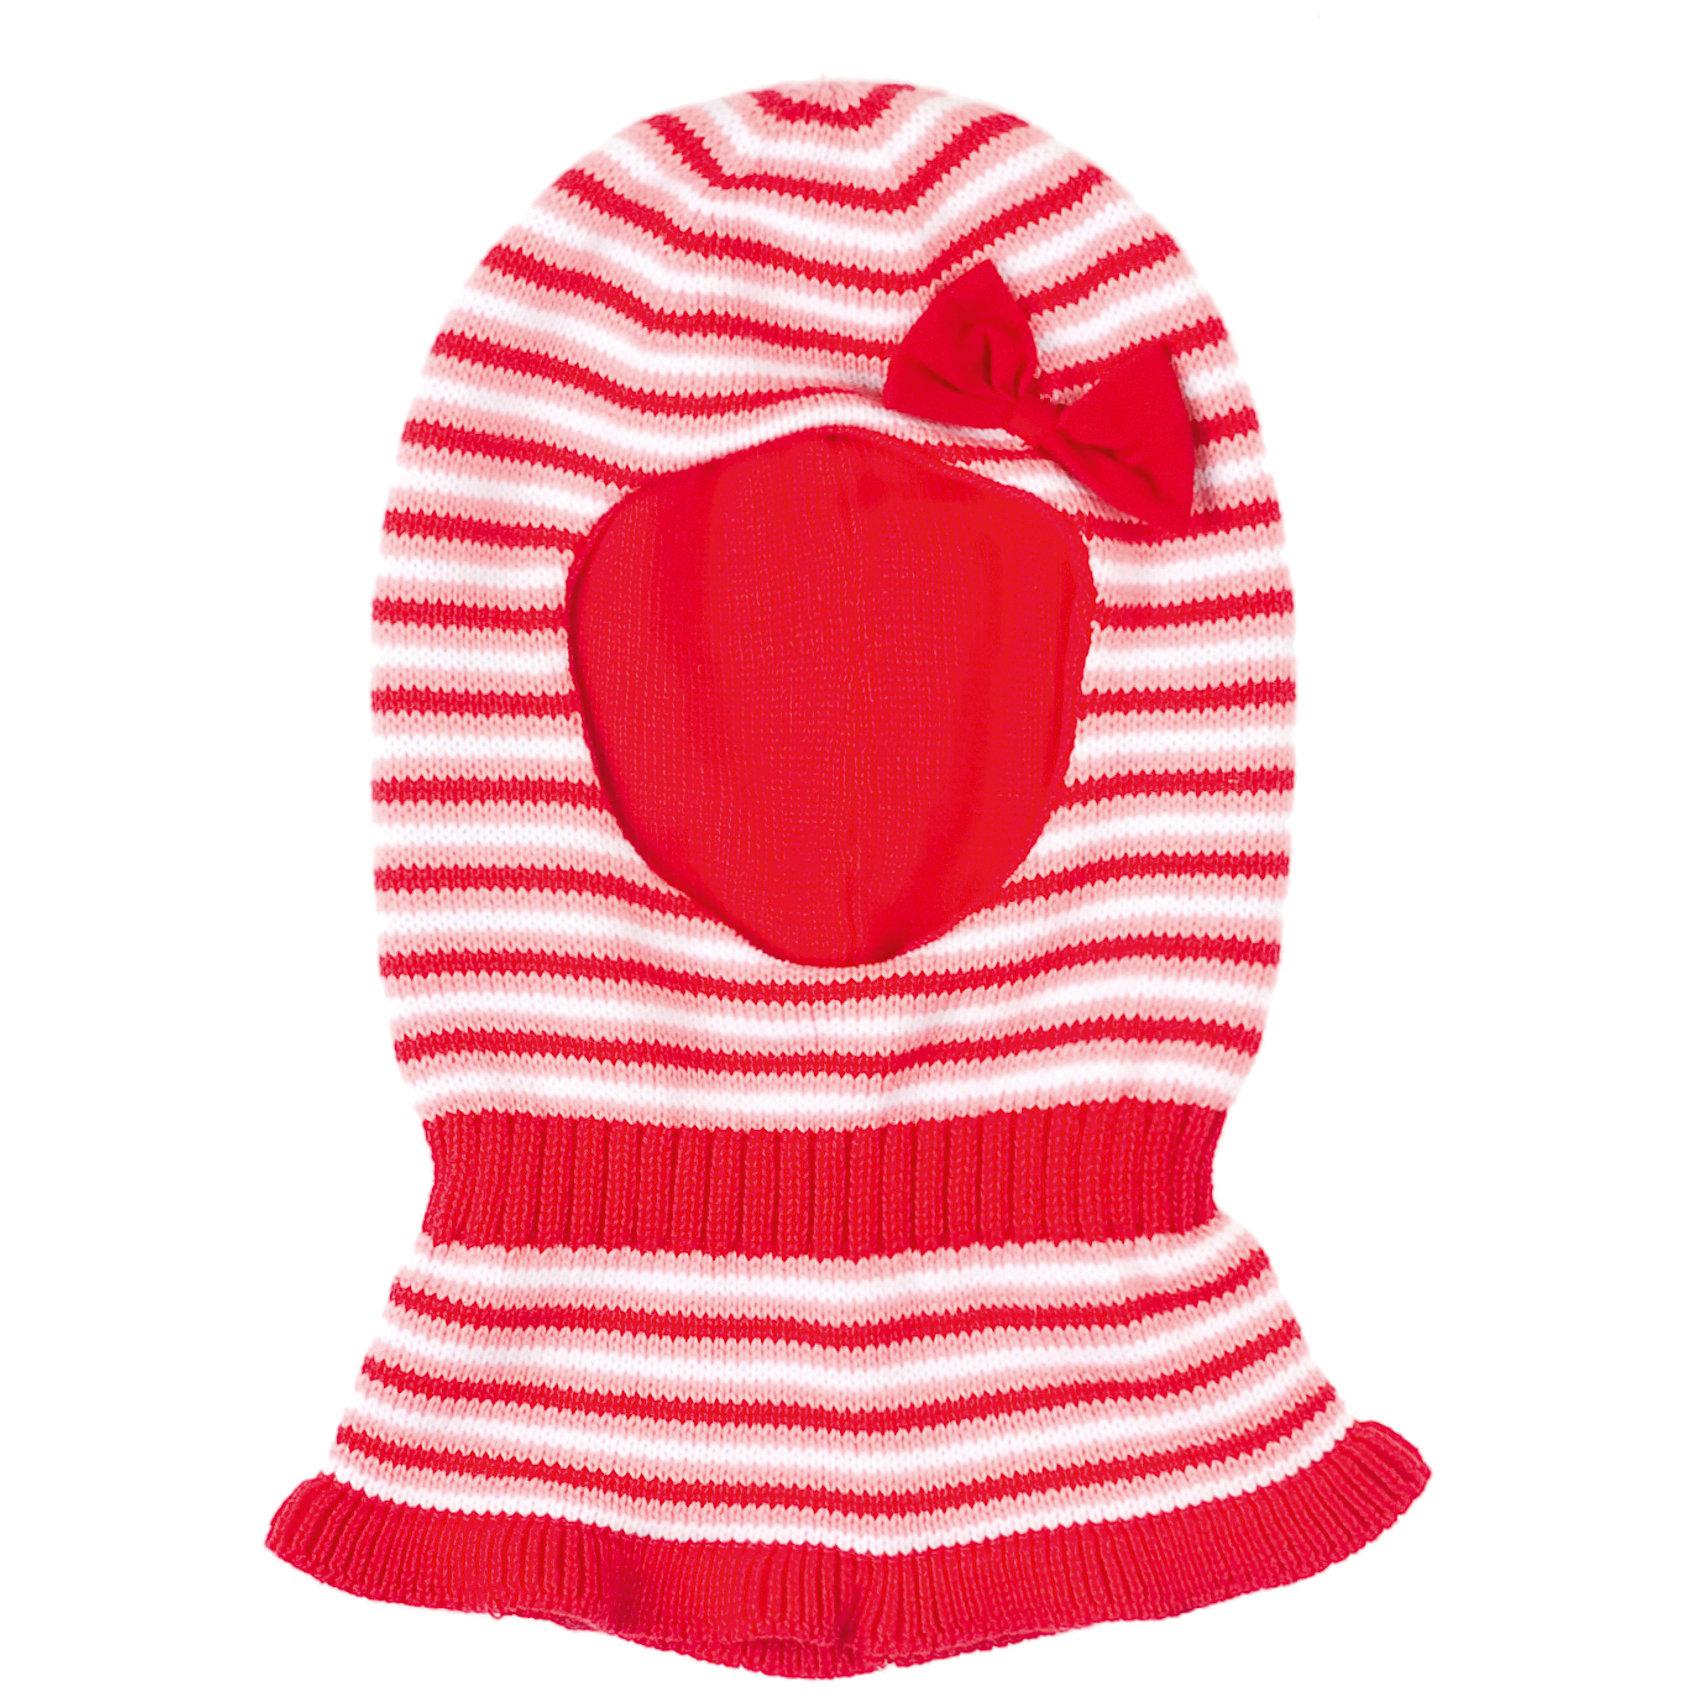 Шапка-шлем для девочки PlayTodayШапка для девочки PlayToday Яркий трикотажный шлем с дополнительным утеплением для ушей. Украшен бантом. Состав: Верх: 80% хлопок 20% нейлон, Подкладка 80% хлопок 20% нейлон<br><br>Ширина мм: 89<br>Глубина мм: 117<br>Высота мм: 44<br>Вес г: 155<br>Цвет: красный/белый<br>Возраст от месяцев: 48<br>Возраст до месяцев: 60<br>Пол: Женский<br>Возраст: Детский<br>Размер: 52,54,50<br>SKU: 4228861